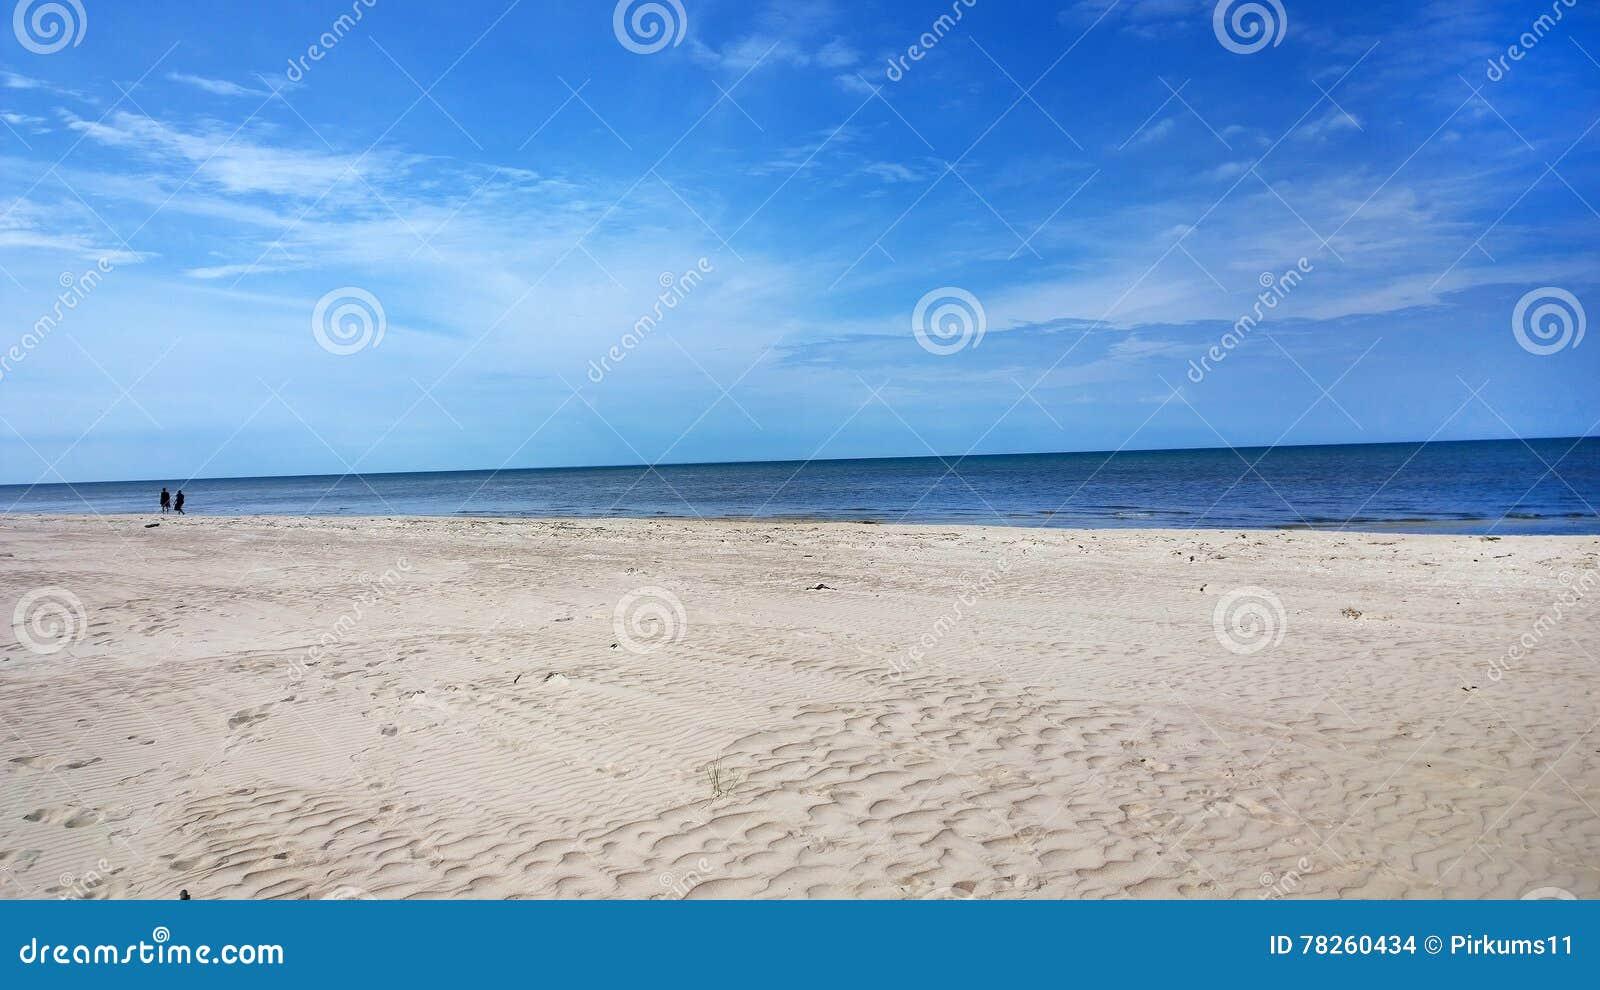 Άνθρωποι στην παραλία